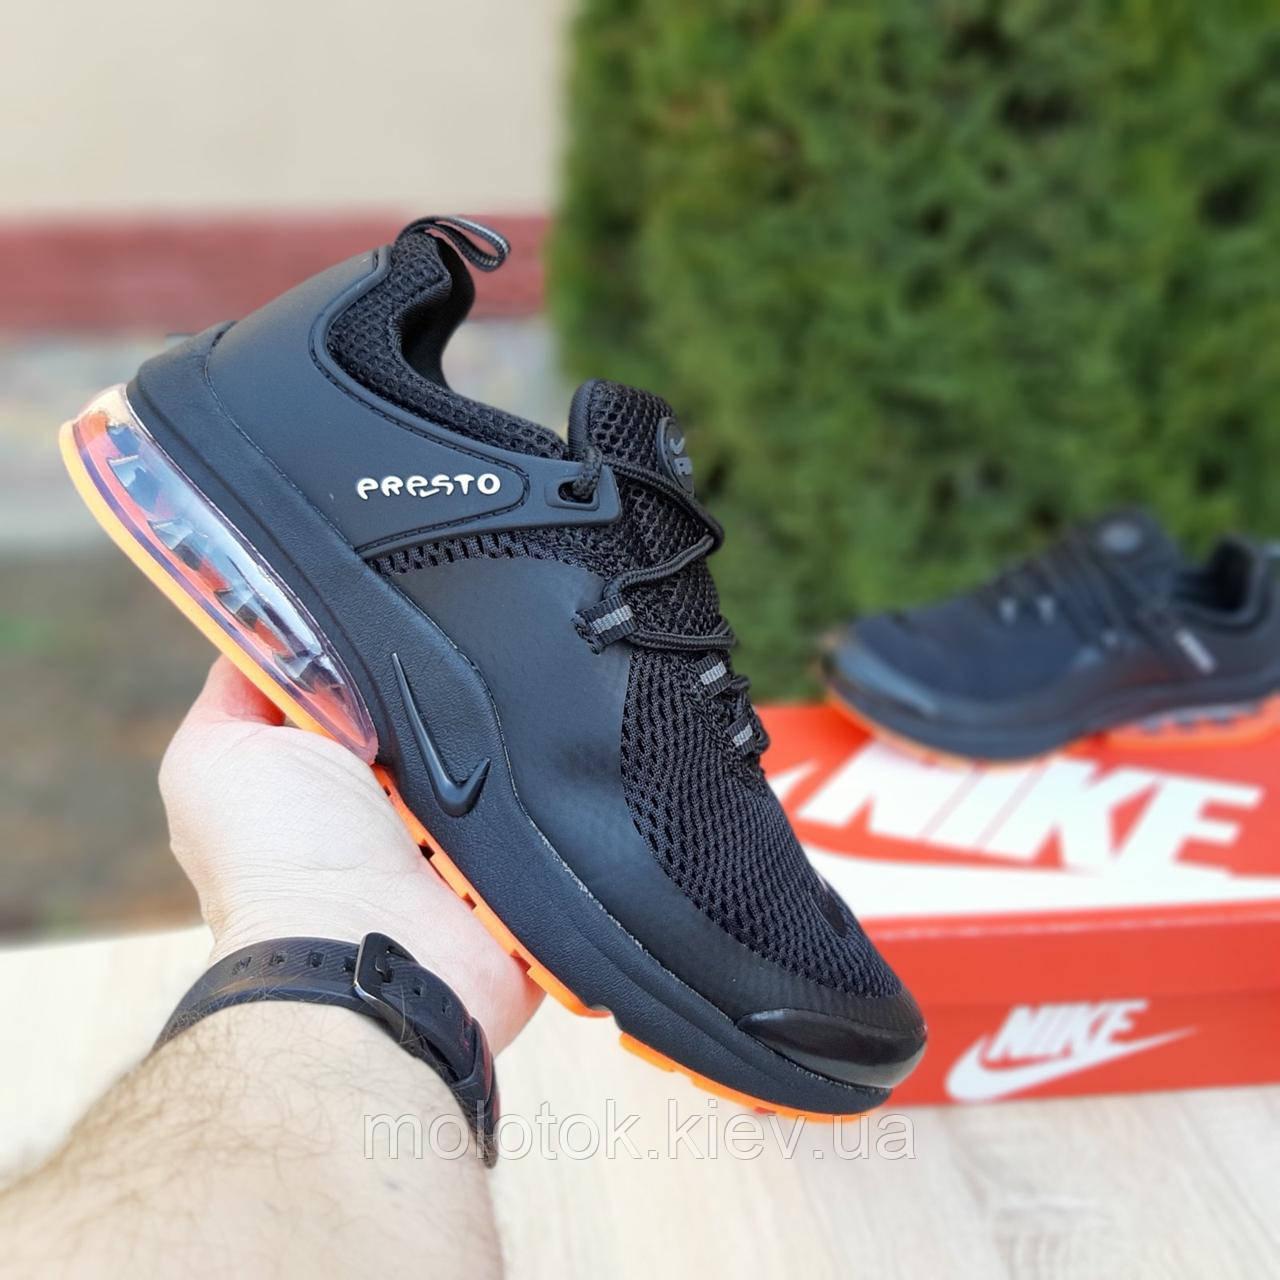 Мужские спортивные кроссовки Nike Air Presto чёрные с оранжевым Реплика хорошего качества